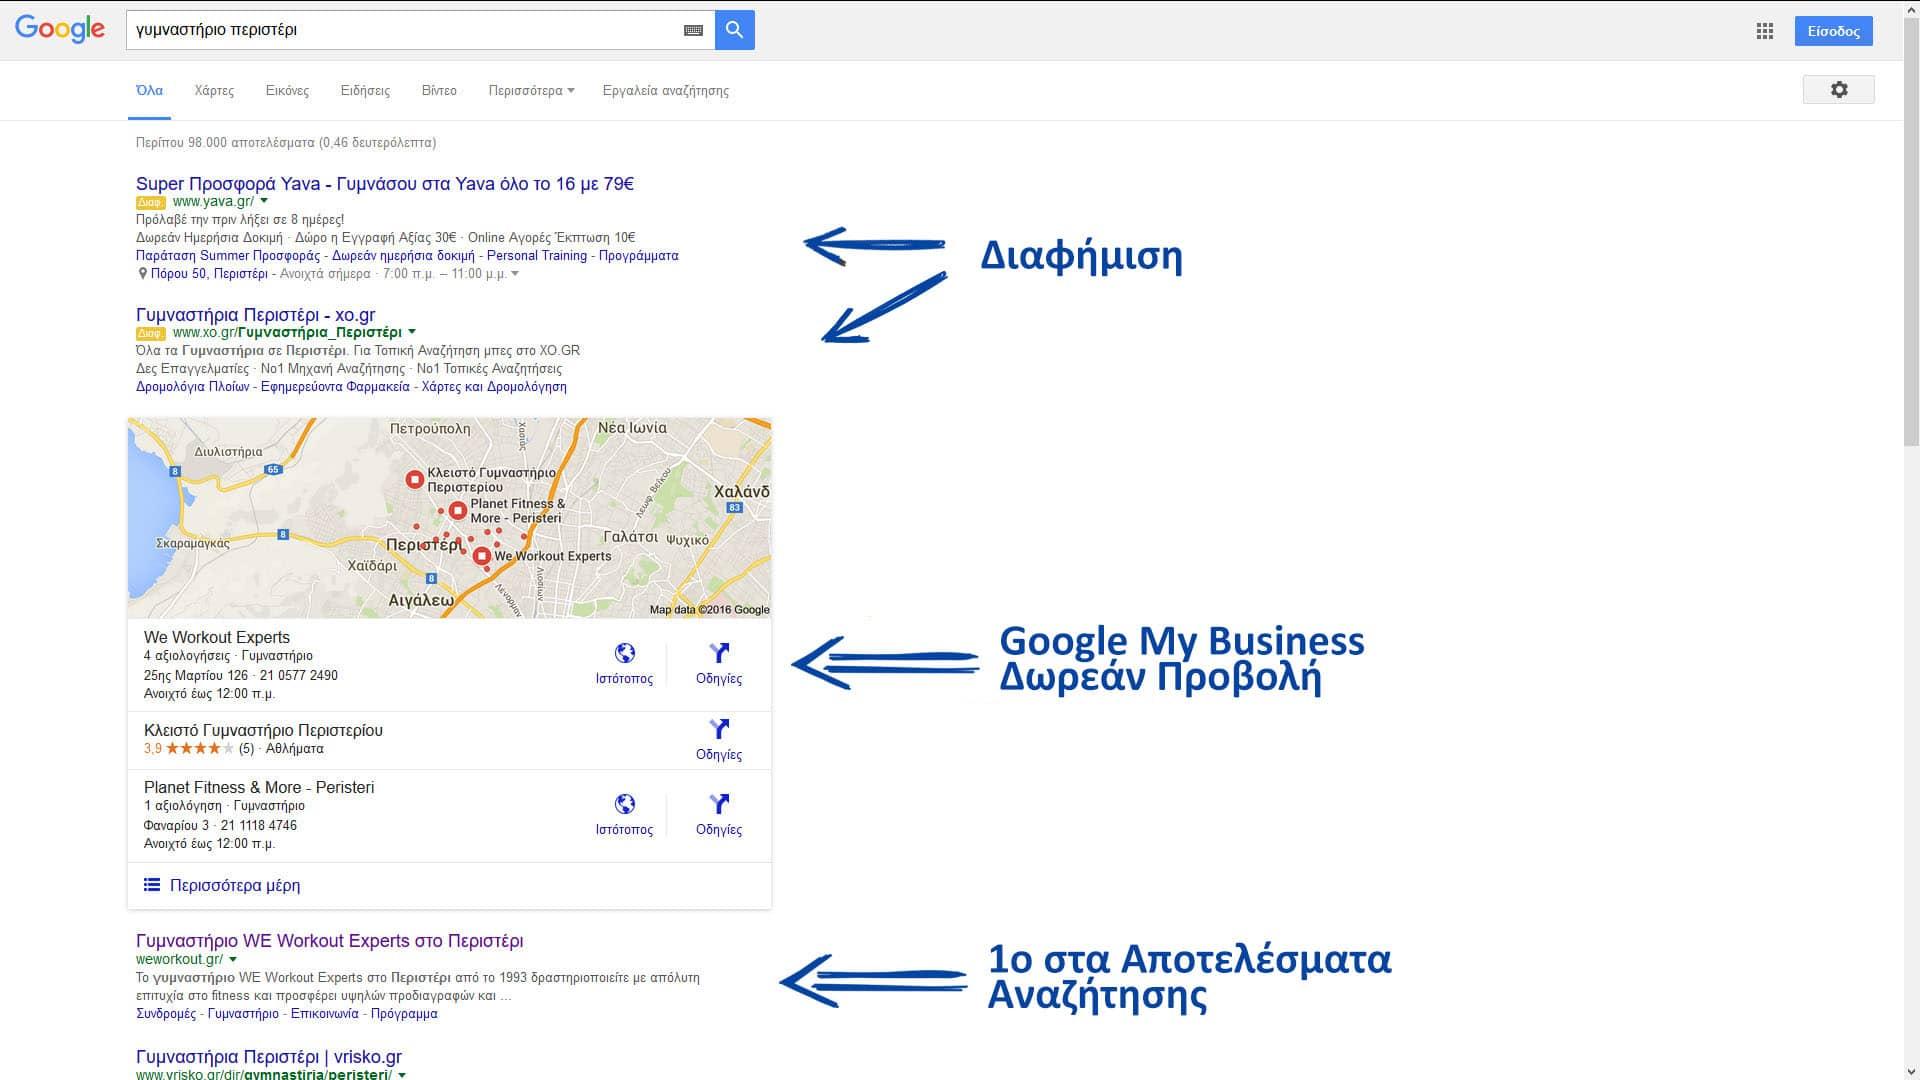 Δημιουργία Λογαριασμού στο Google My Business